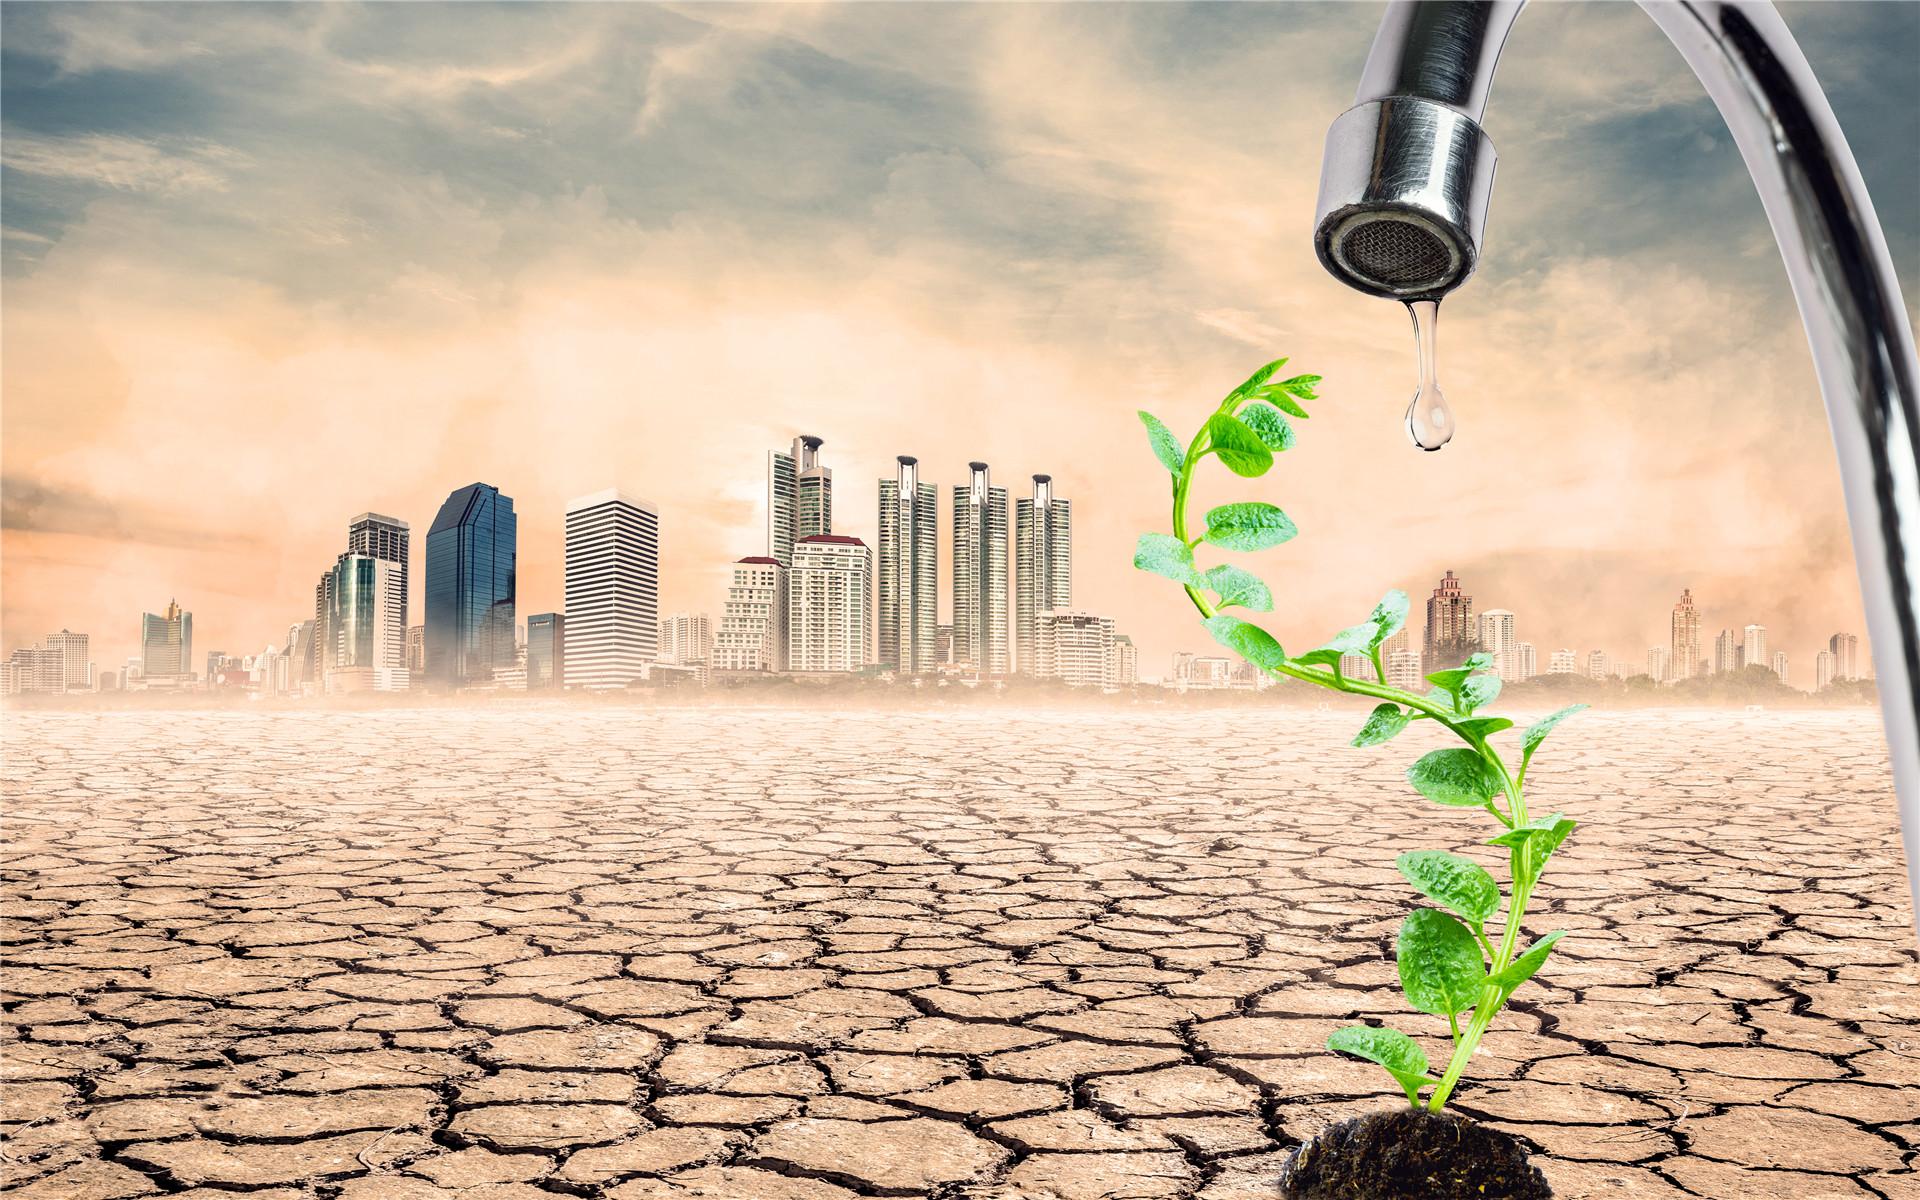 干旱土地呼吁节约用水ppt背景图片下载_幻灯片模板